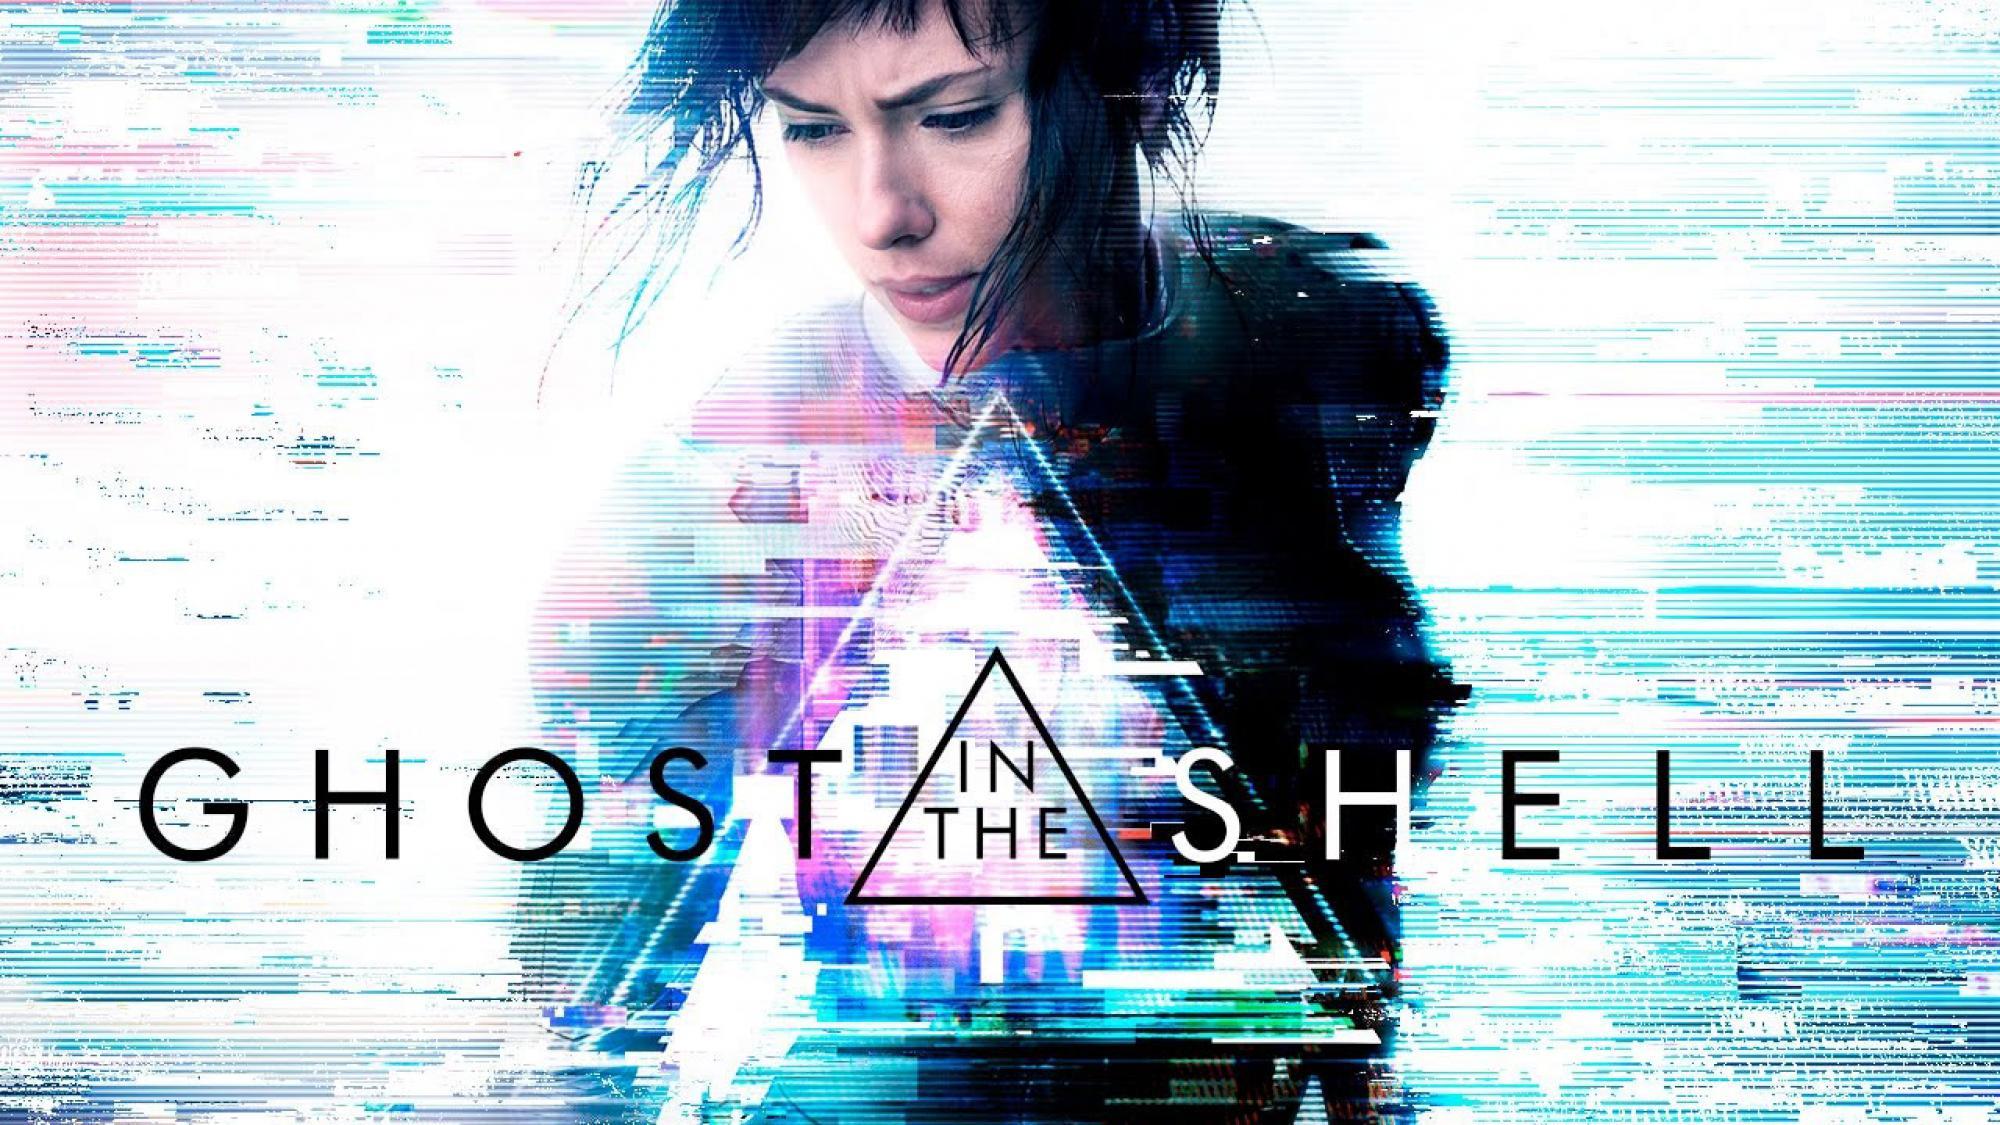 Fondos de pantalla Poster Ghost in the Shell: vigilante del futuro